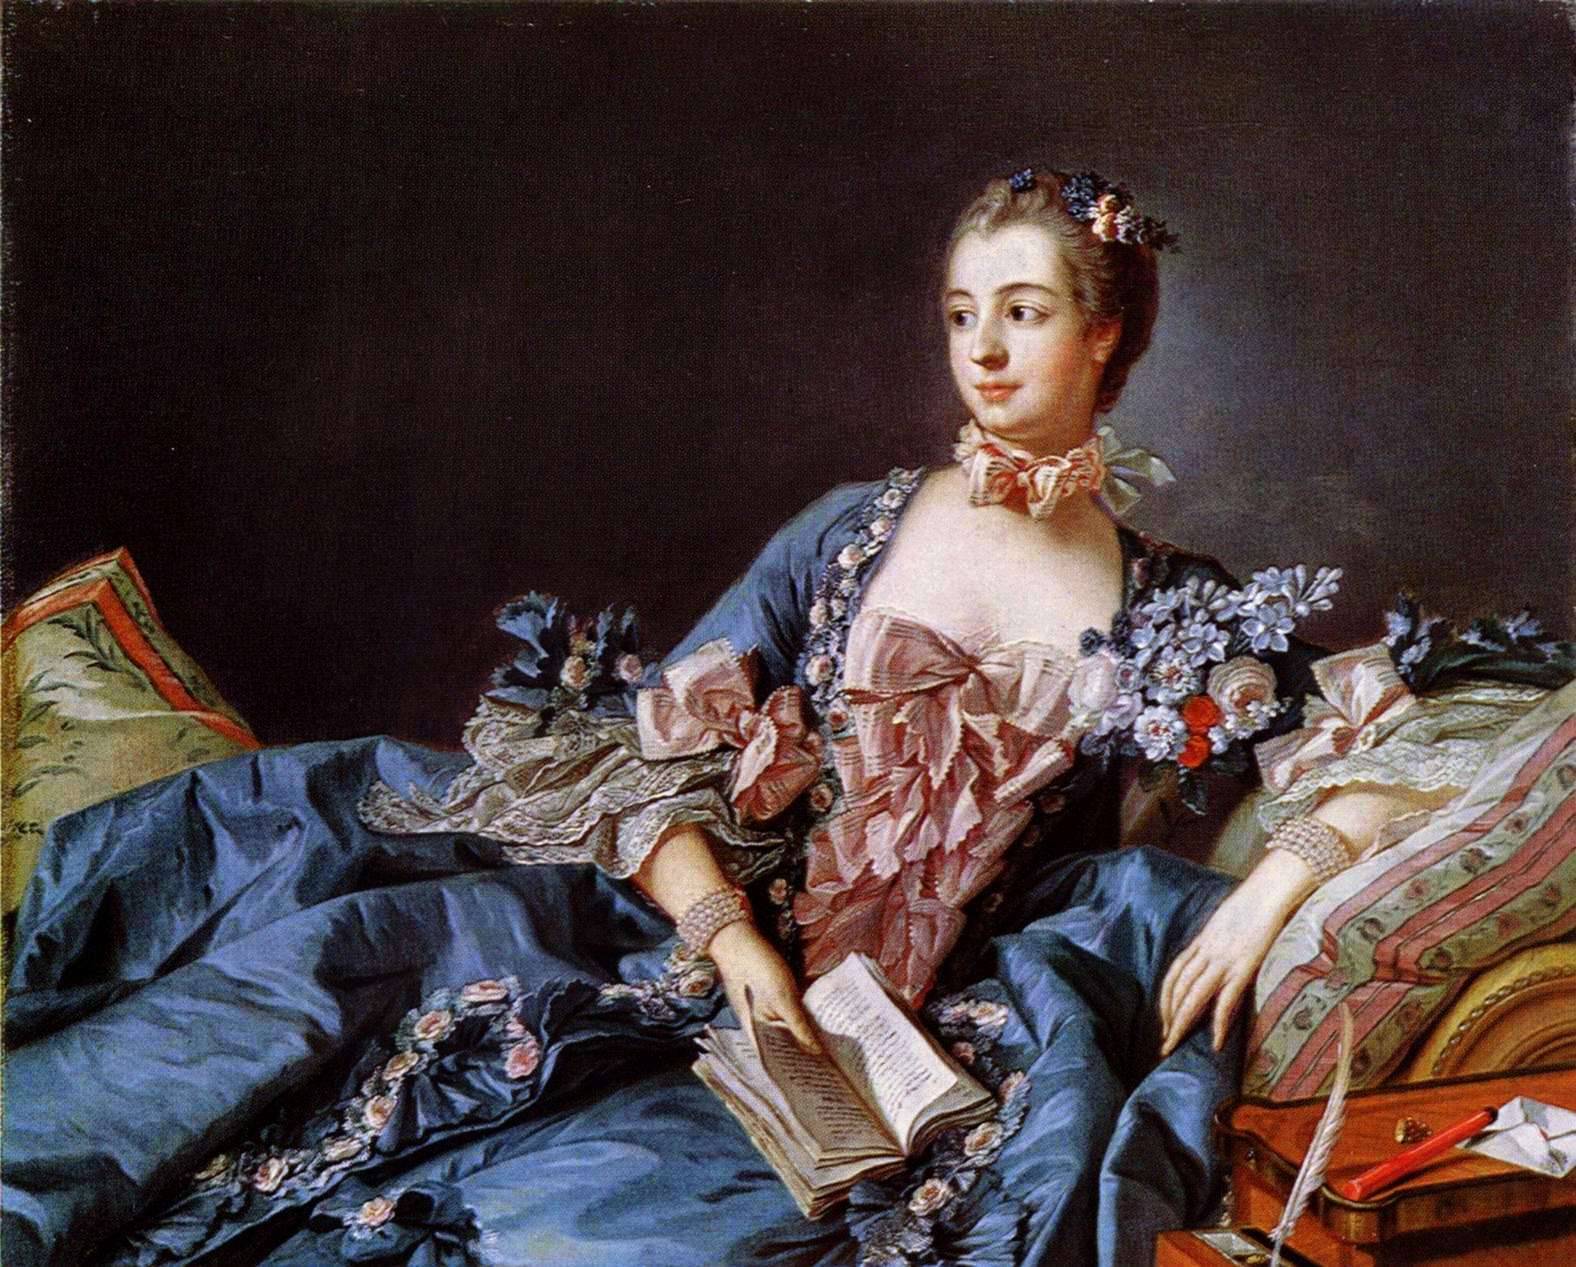 El retrato de Madame Pompadour, pintado por Francois Bocher en 1758, representa en el pecho una flor azul,  simbolizaba una declaración de amor a Luis XV